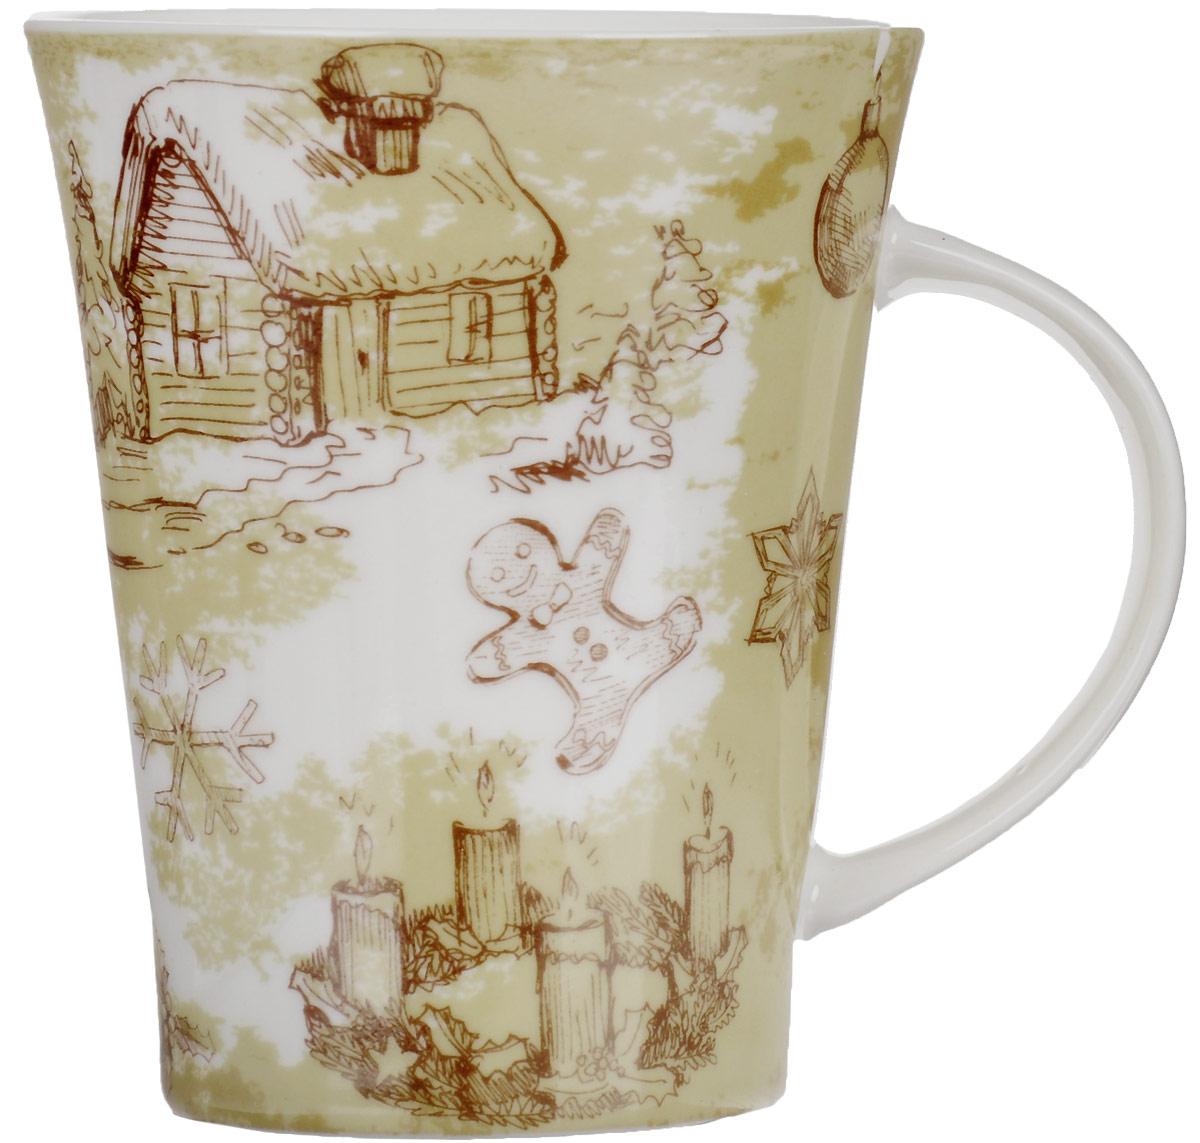 """Кружка Family & Friends """"Christmas Village"""" изготовлена из  качественной глазурованной керамики. Внешняя стенка  изделия декорирована оригинальным рисунком  новогодней тематики. Такая кружка согреет вас  горячим напитком и станет неизменным атрибутом  чаепития.  Не рекомендуется использовать в микроволновой печи и  мыть в посудомоечной машине."""